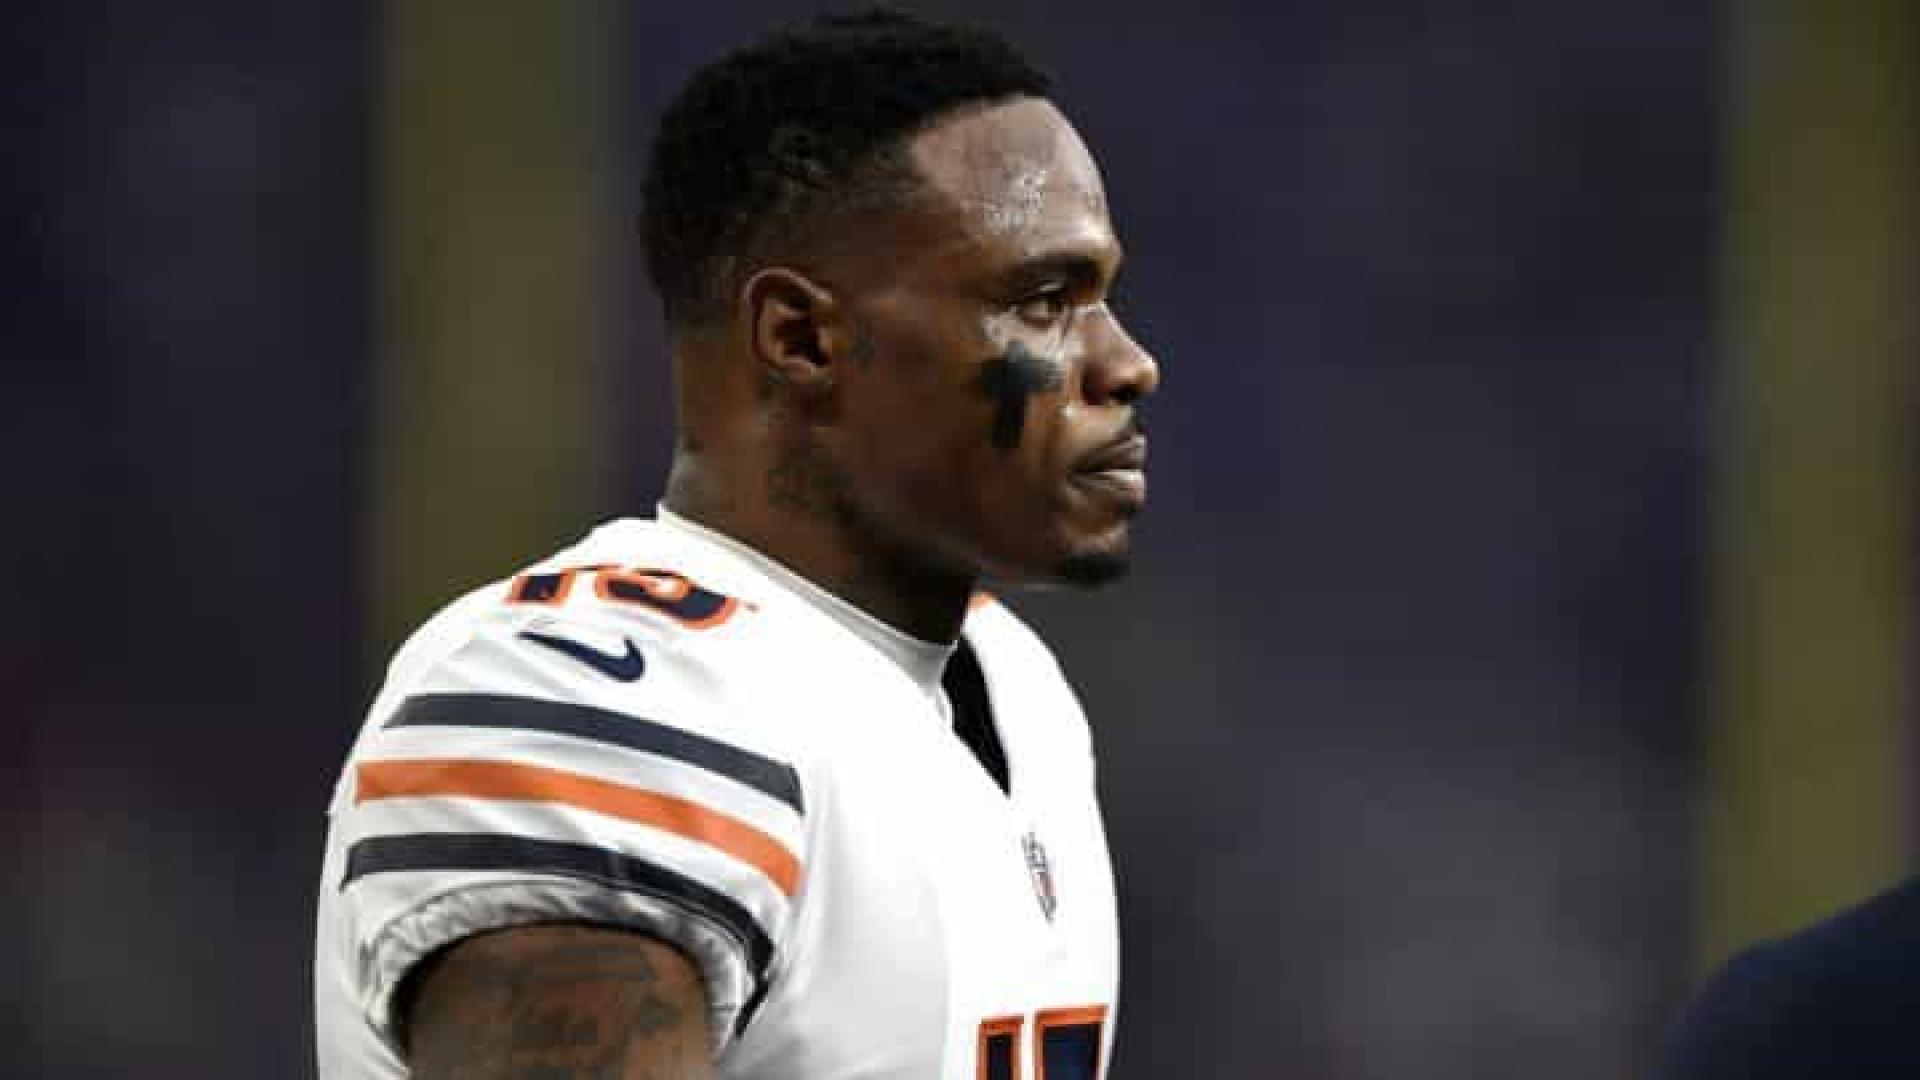 Jogador da NFL é acusado de gastar auxílio da pandemia em cassino